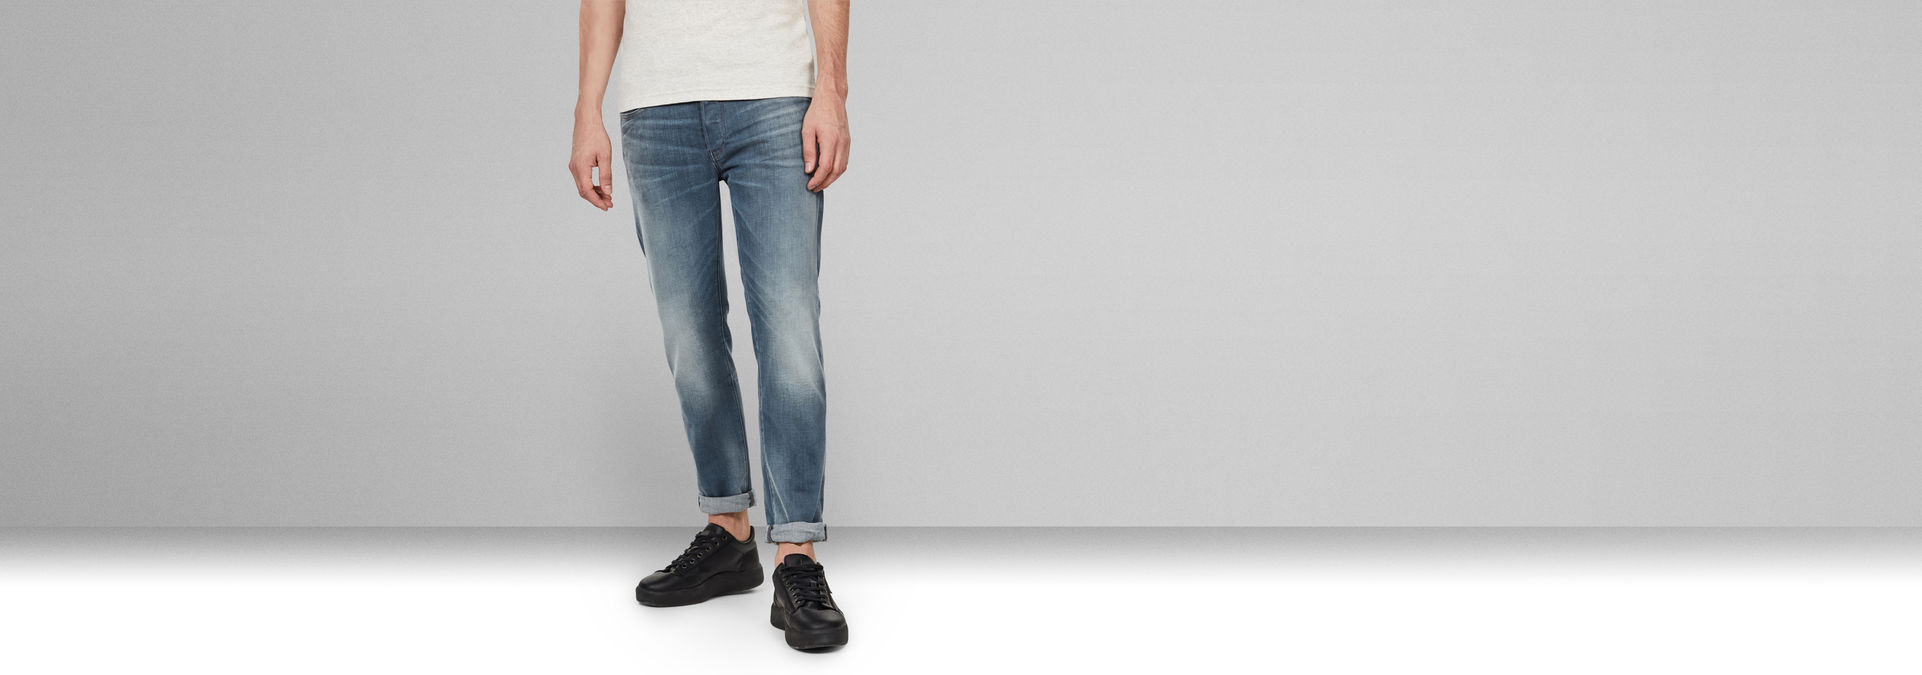 G-Star Raw Hommes Jeans 3301 Slim Fit Denim Bleu Faded Quartz 51001 b604 a805